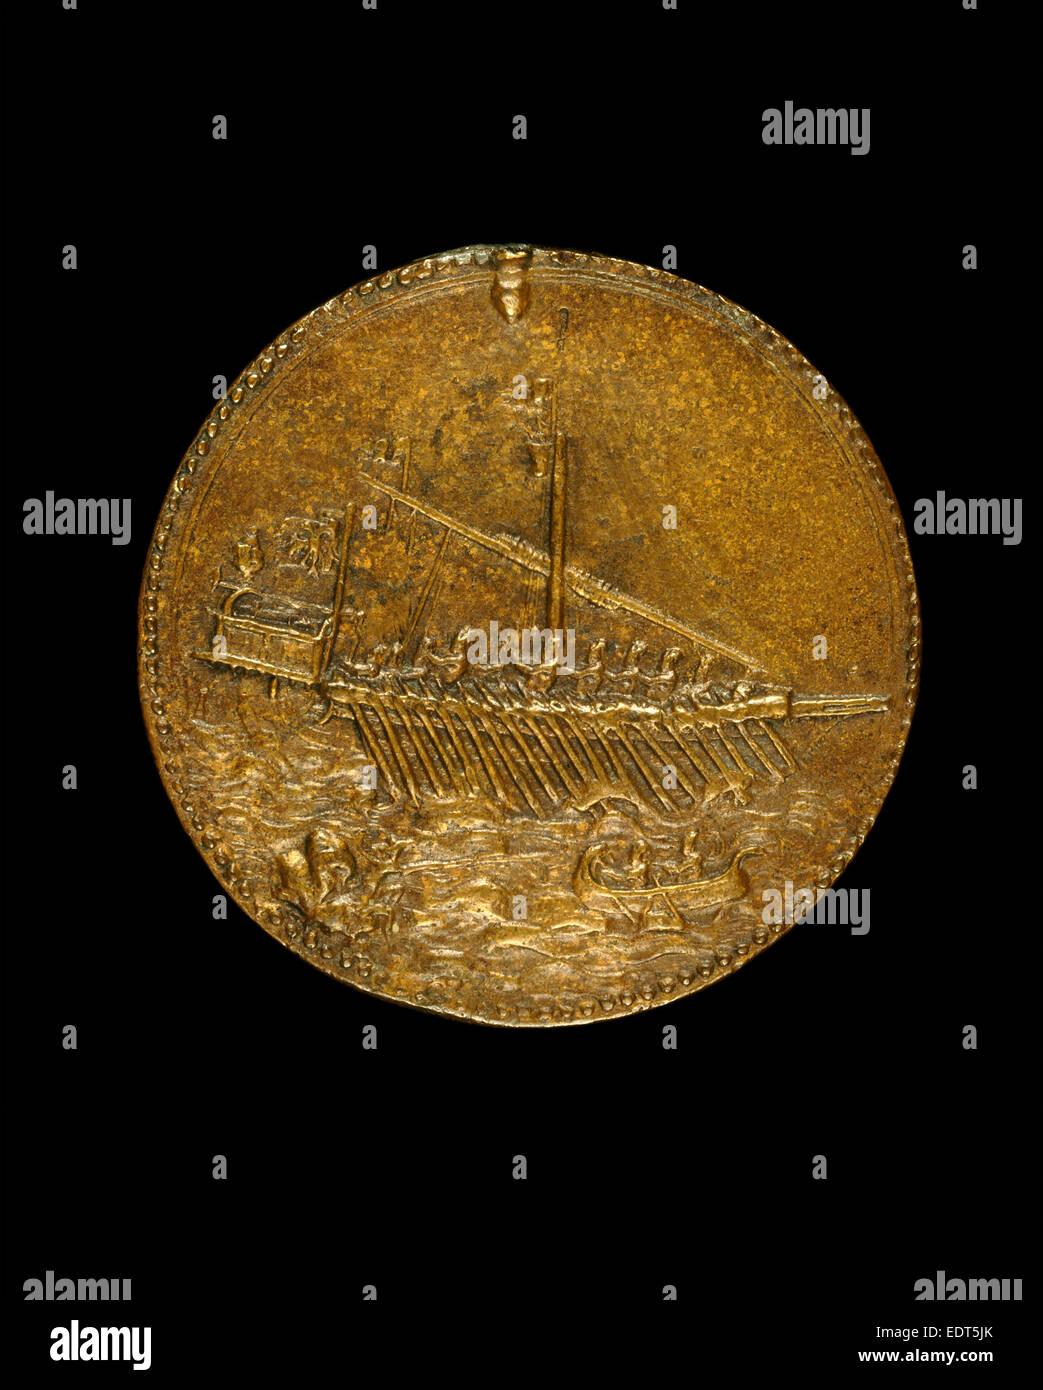 Leone Leoni, Galley and Small Boat [reverse], Italian, c. 1509-1590, 1541, bronze - Stock Image